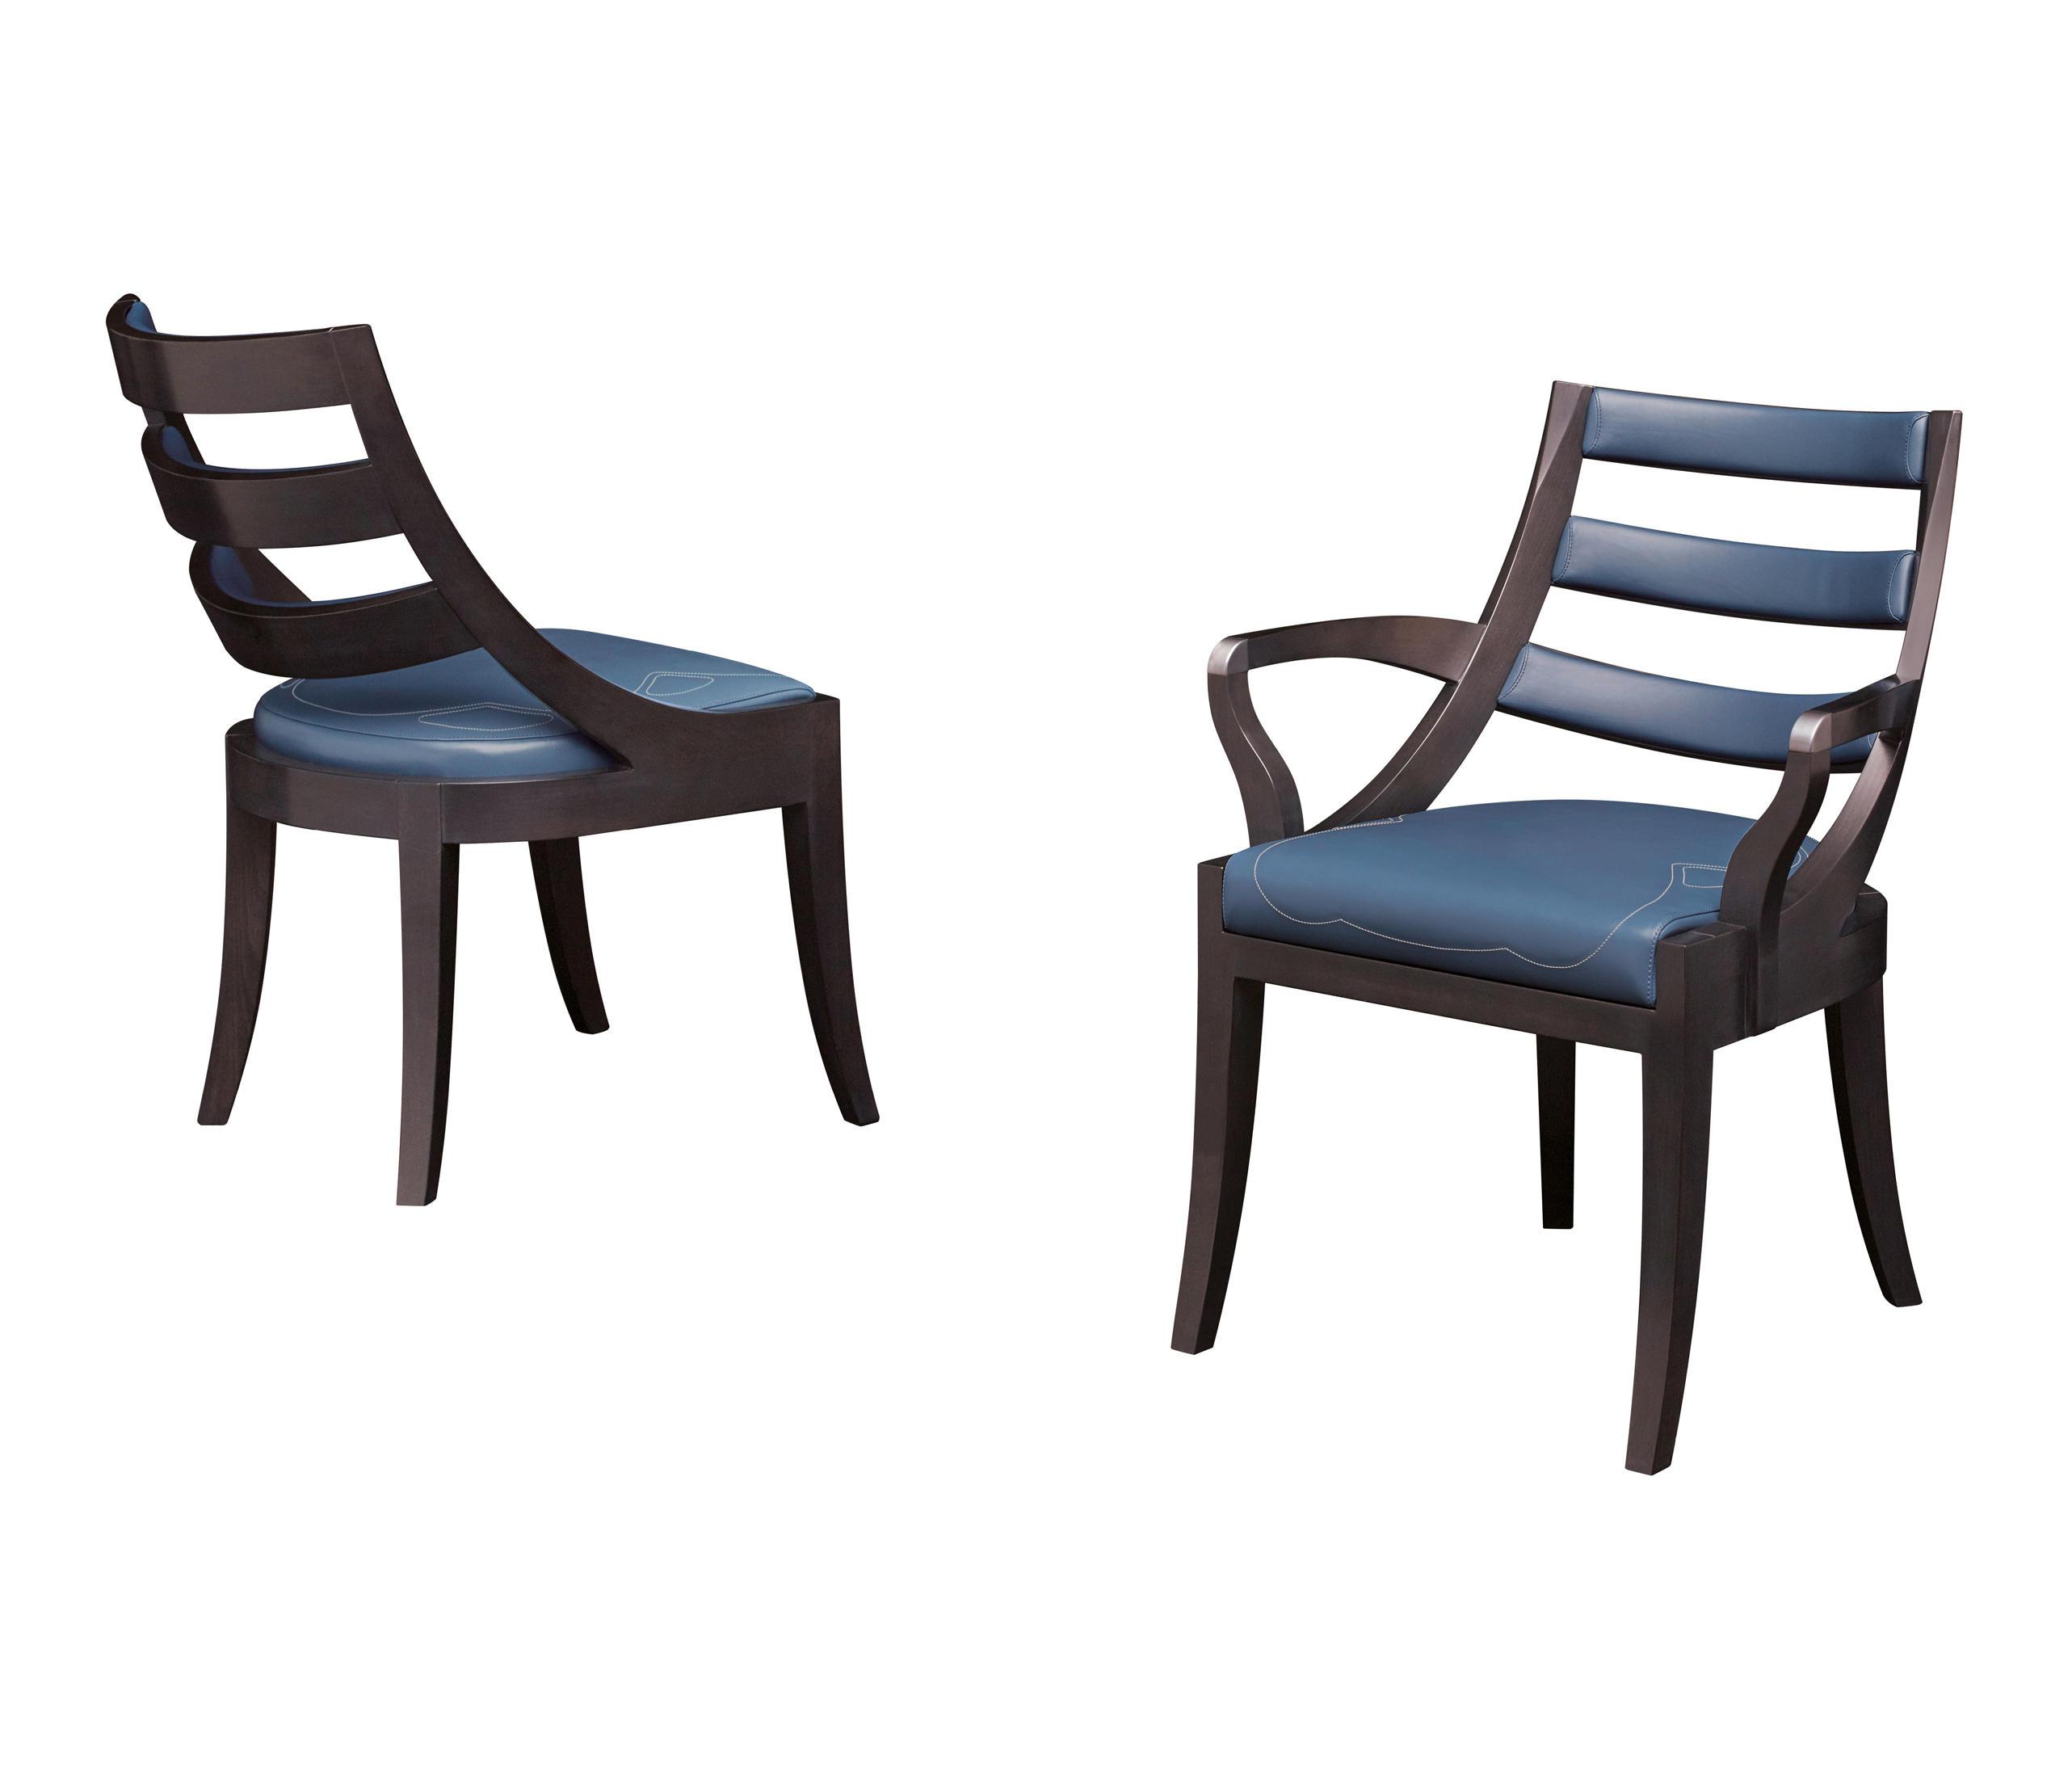 Cool judith sedia con braccioli di promemoria sedie for Sedie design con braccioli